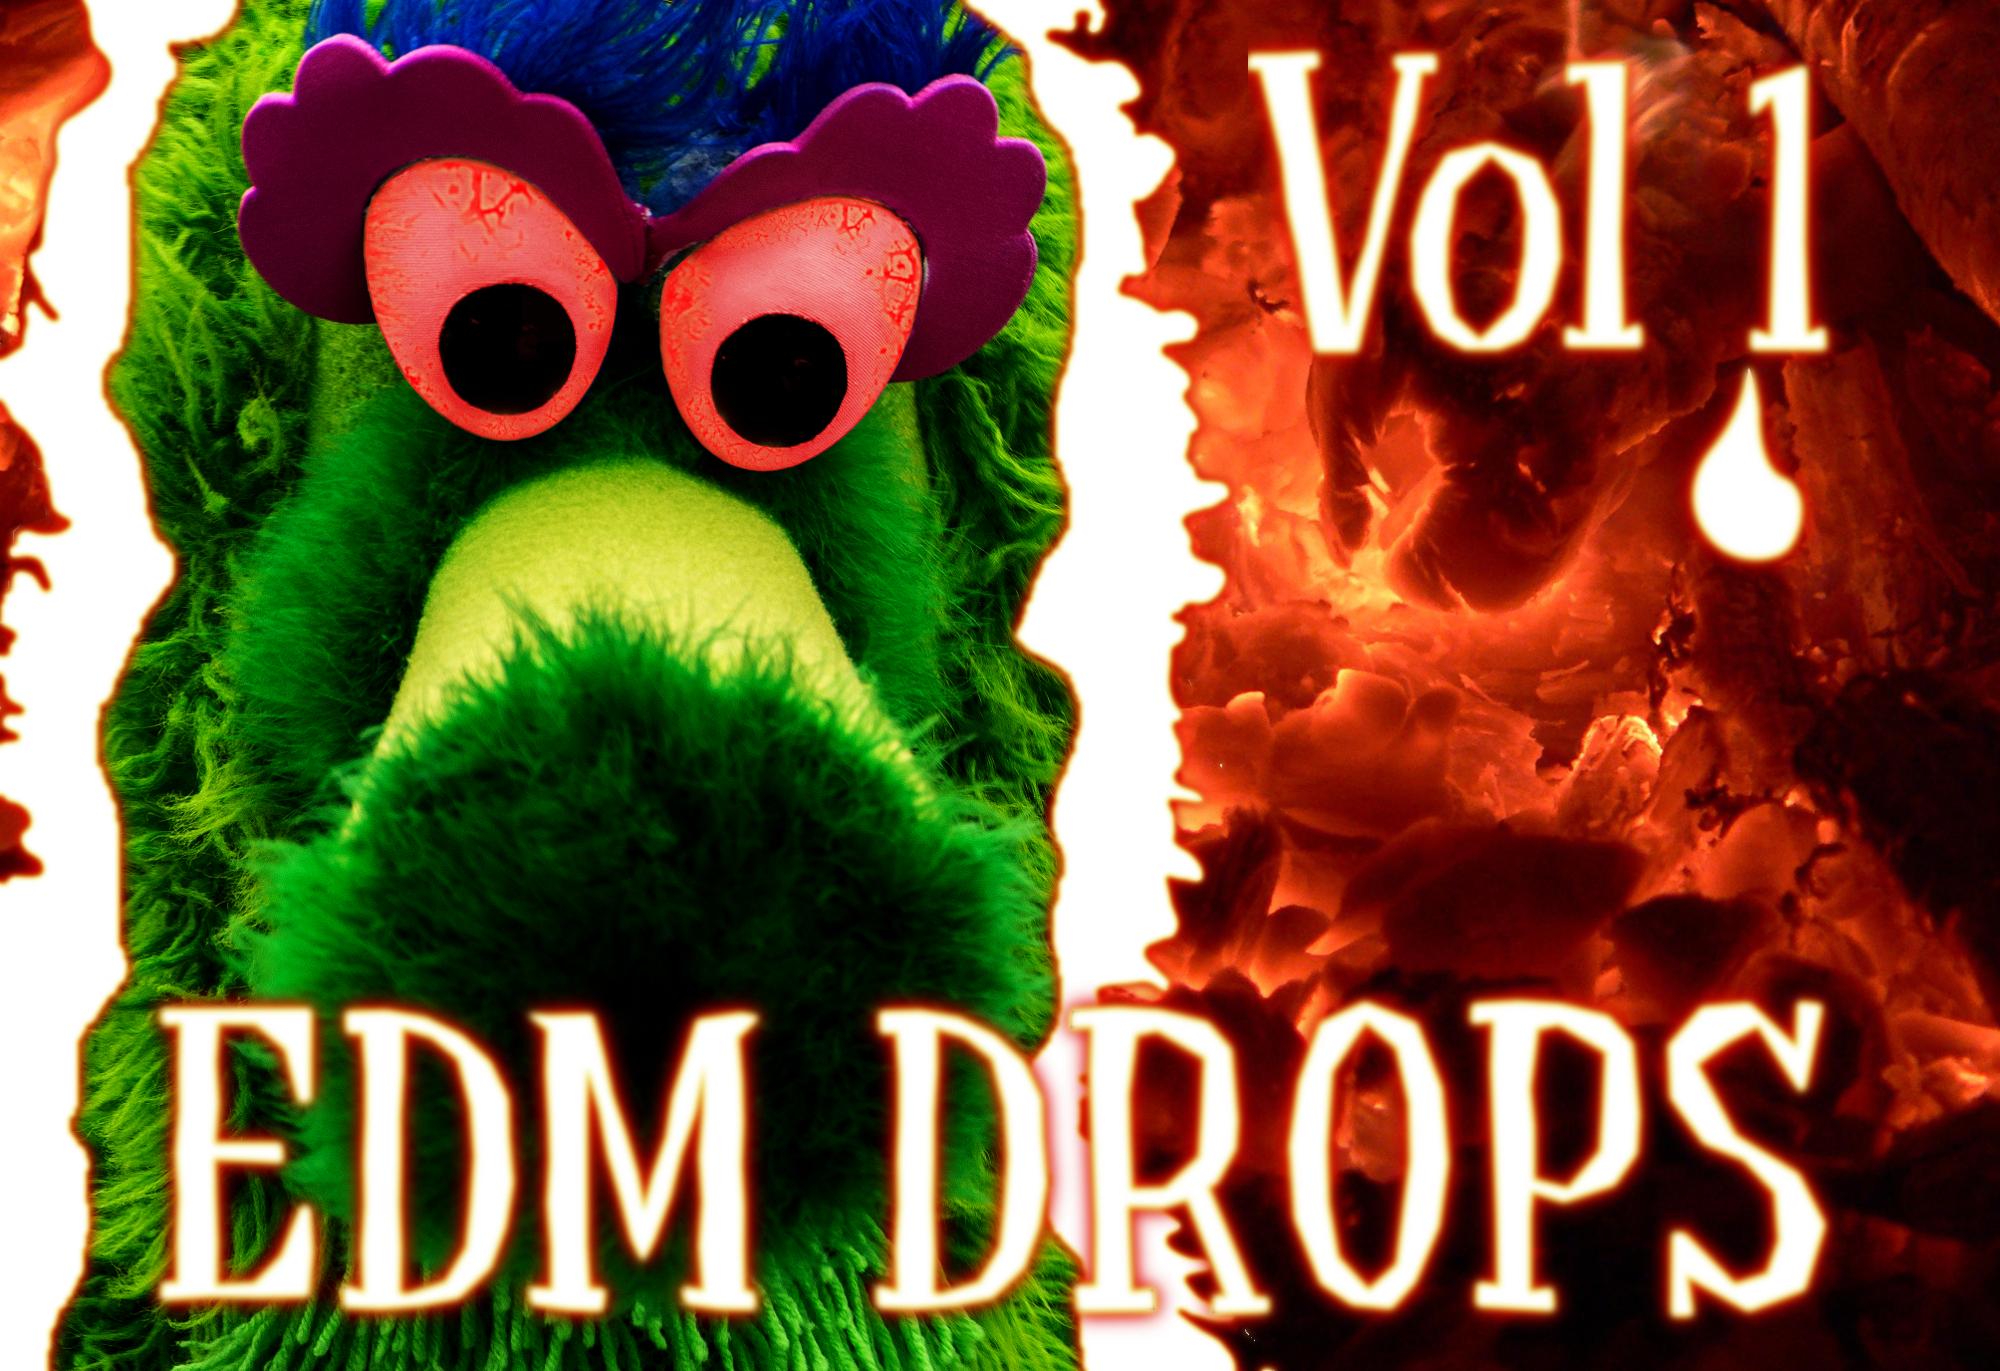 128_edm_drops_vol1